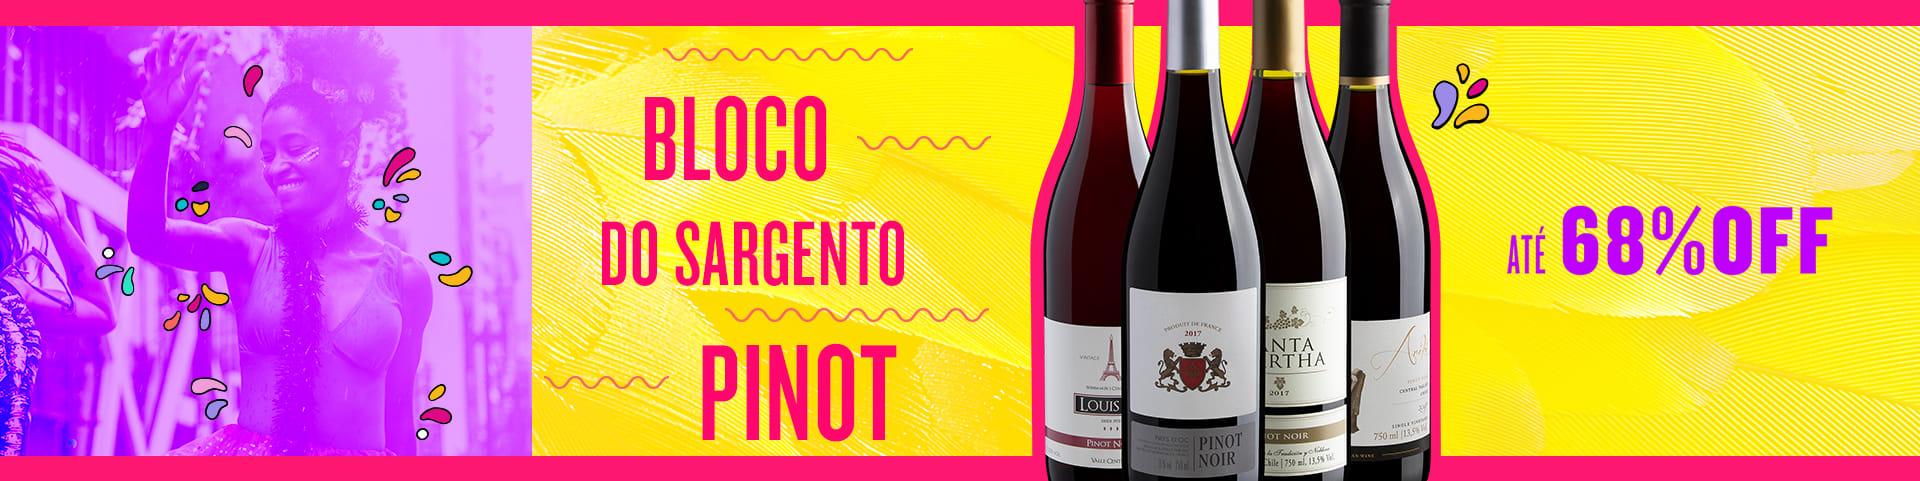 Campanha Bloco do Sargento Pinot